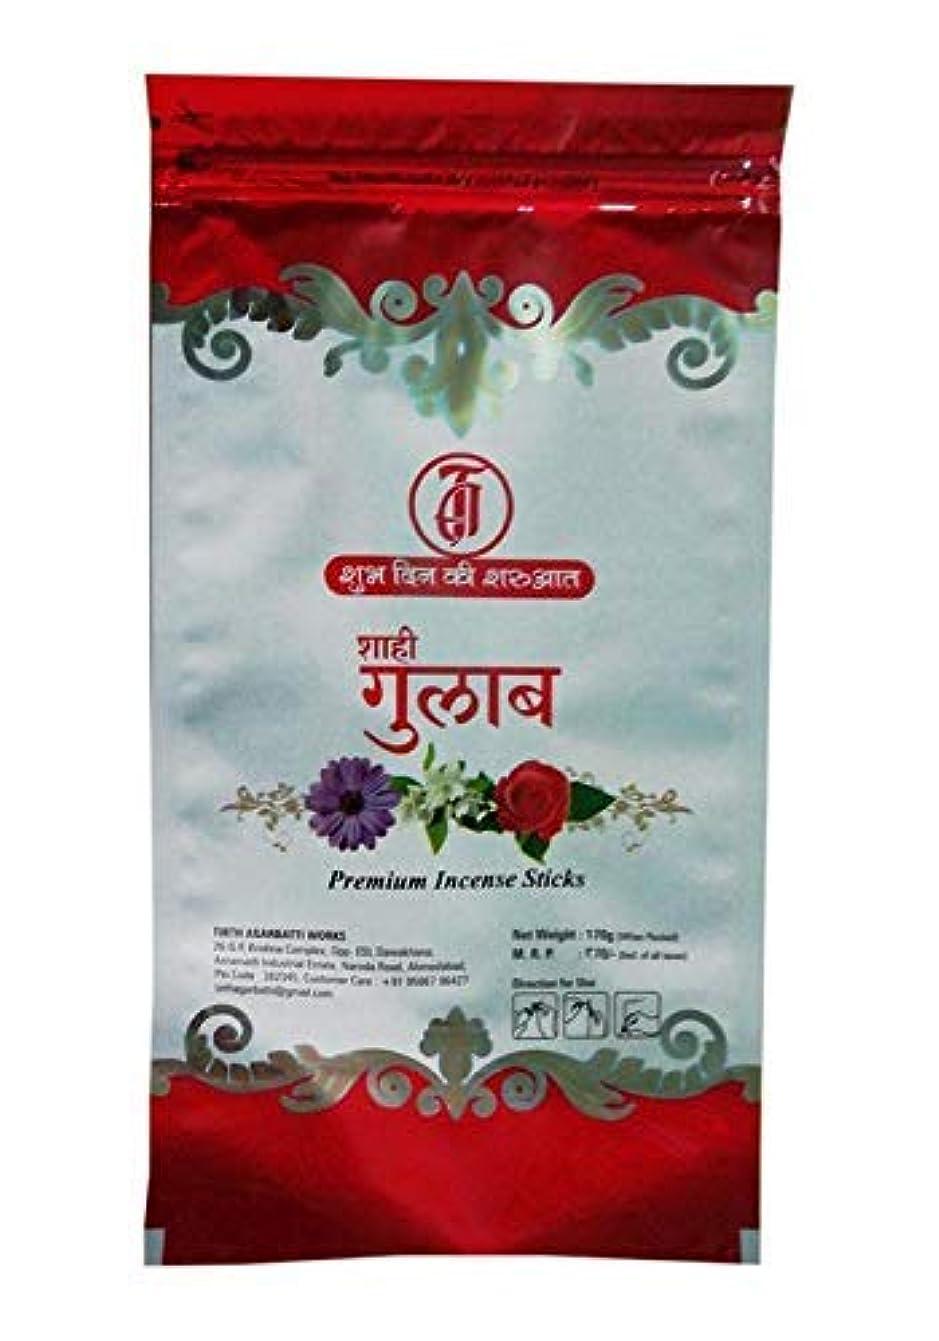 しばしば死求めるTIRTH Sahi Gulab Premium Incense Stick/Agarbatti (170 GM Pack) Pack of 2